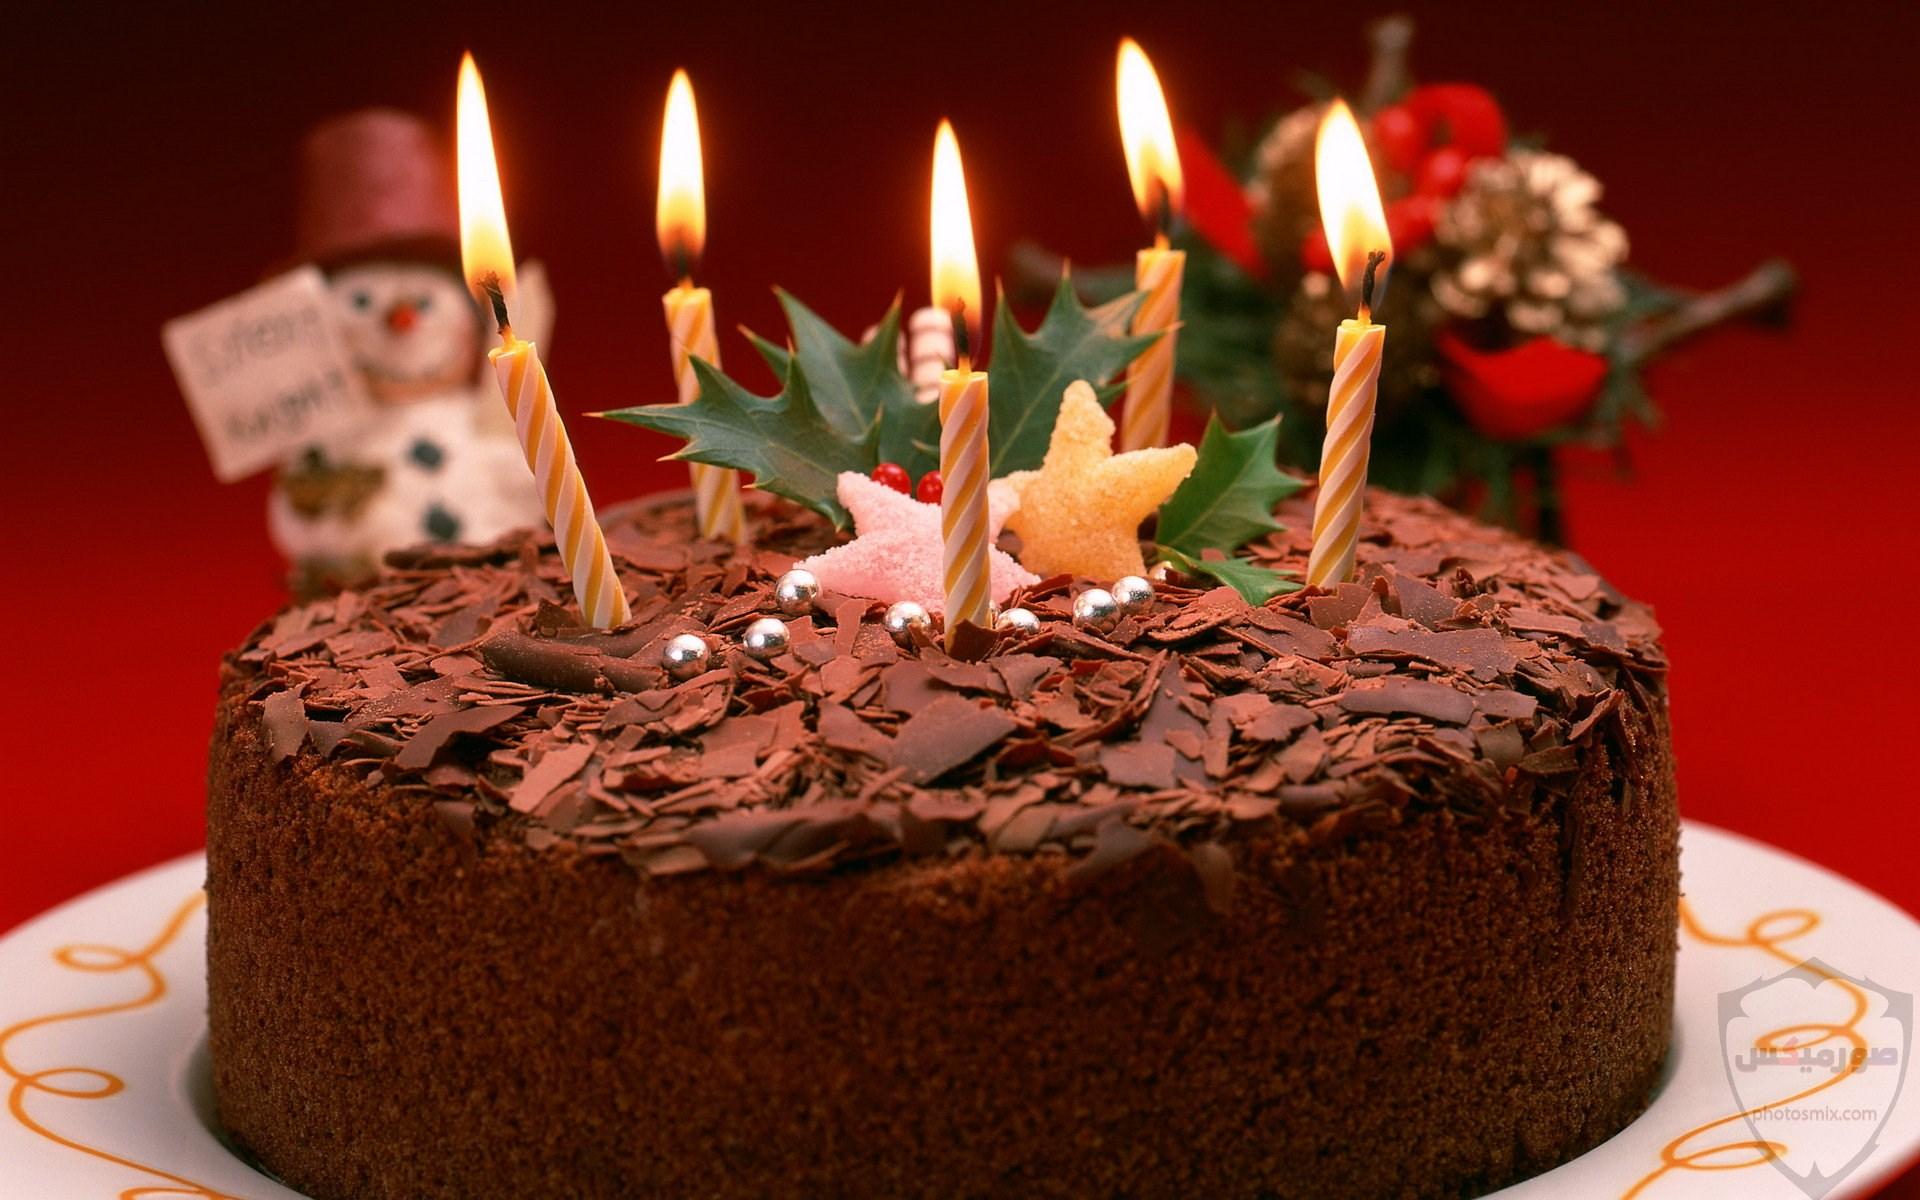 اجمل صور تورتة عيد ميلاد للاحتفال بالحبيب والصديق 9